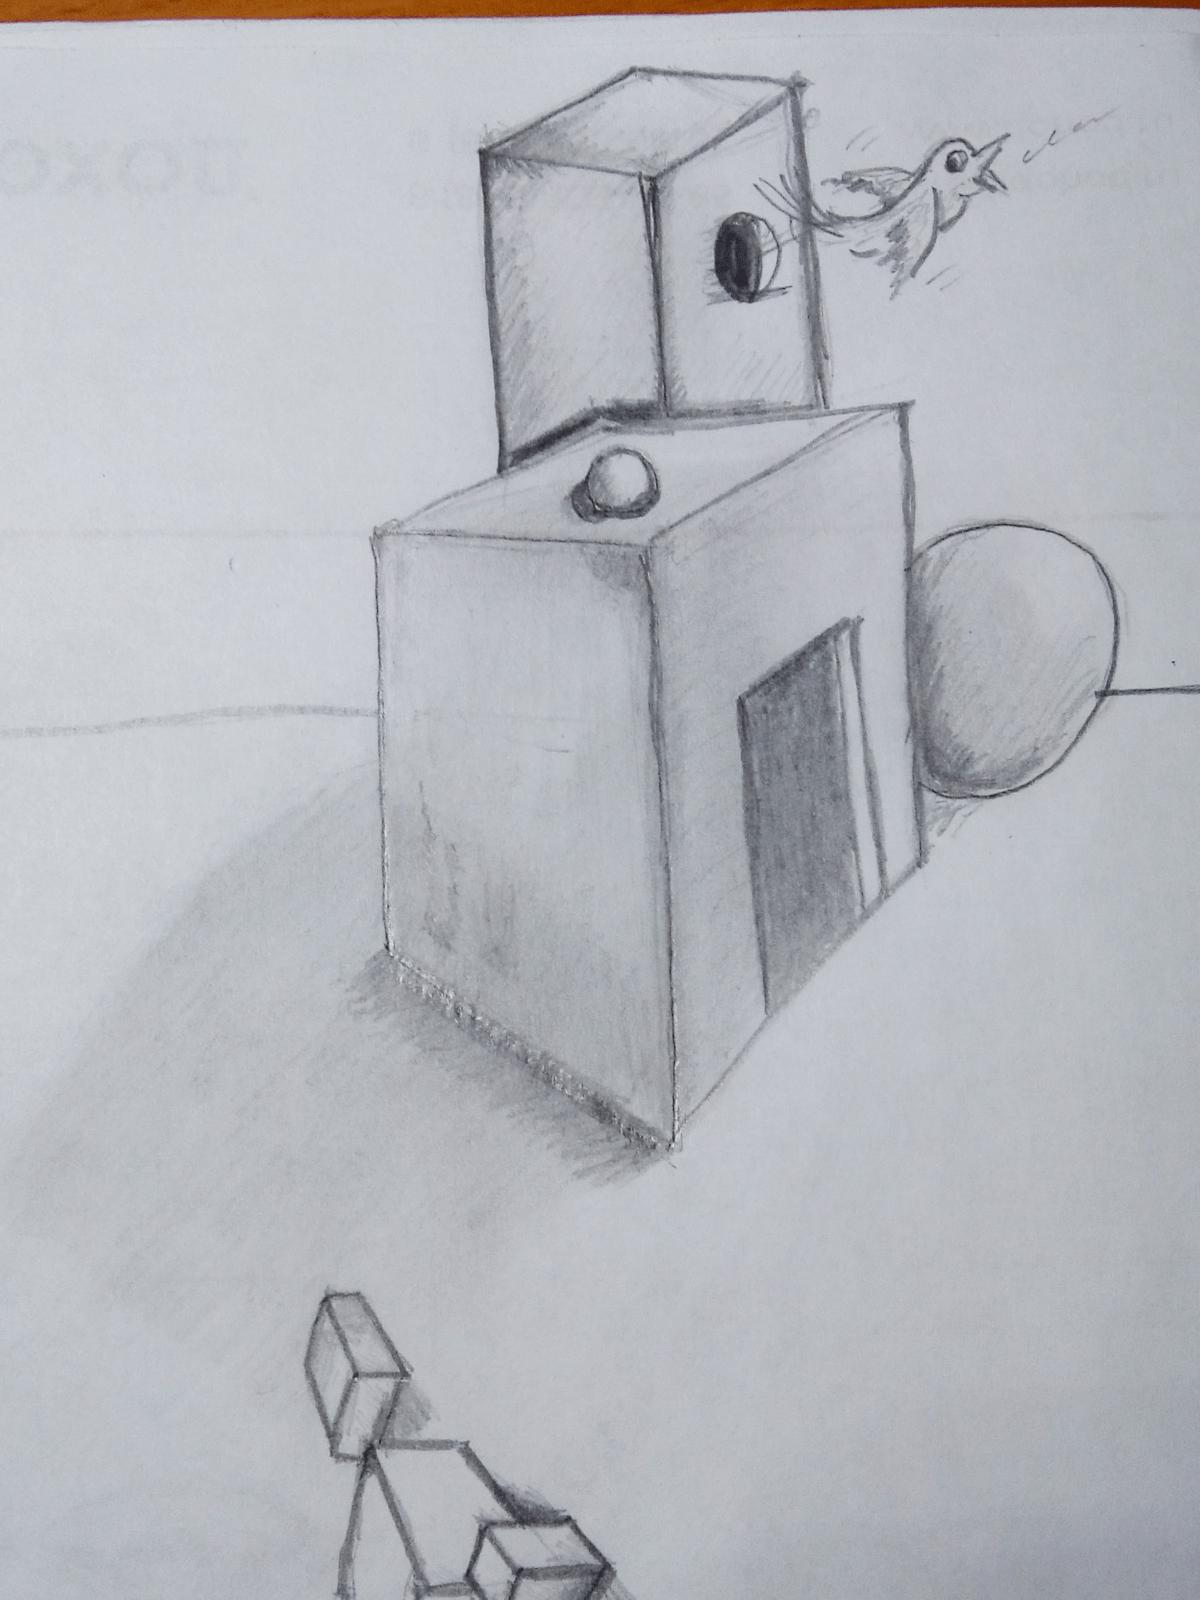 Voobrazhenie 1